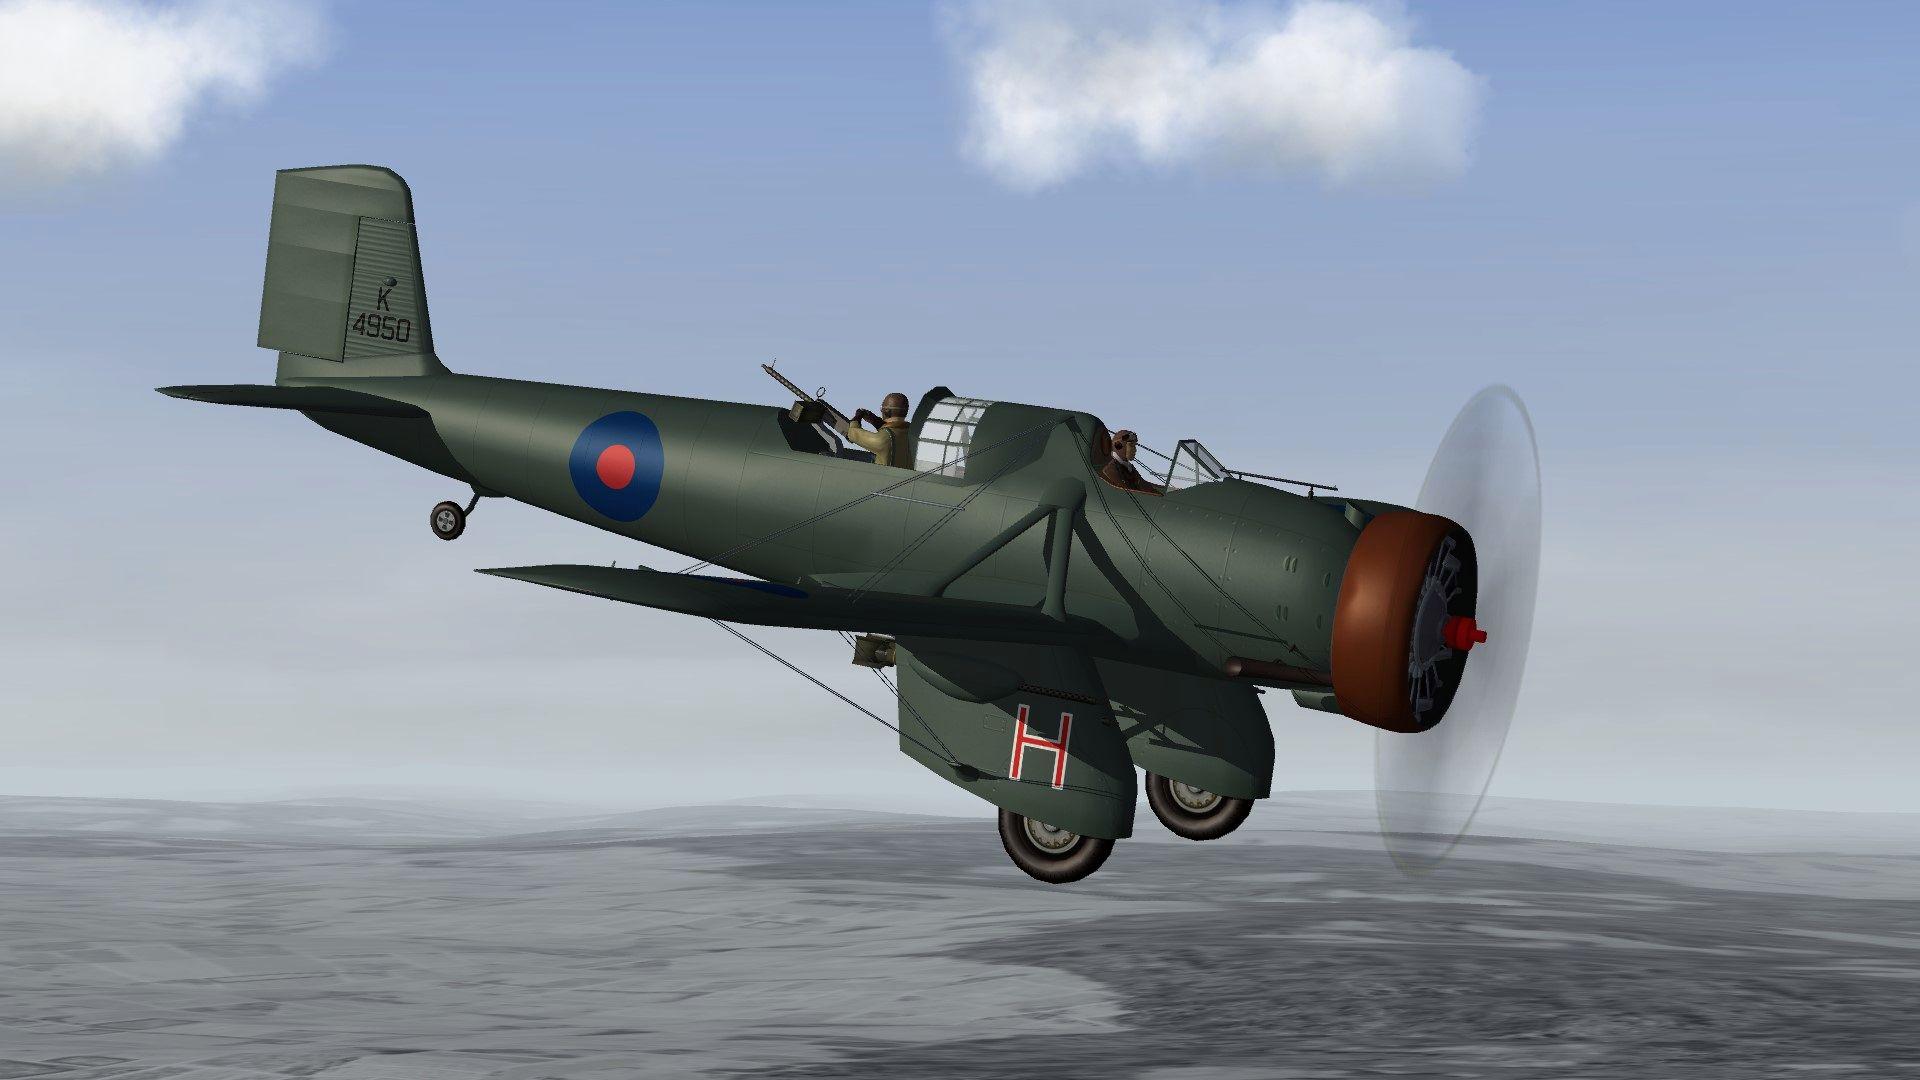 RAF%20VEDETTE%20B1.05_zpsjoqbb3dt.jpg